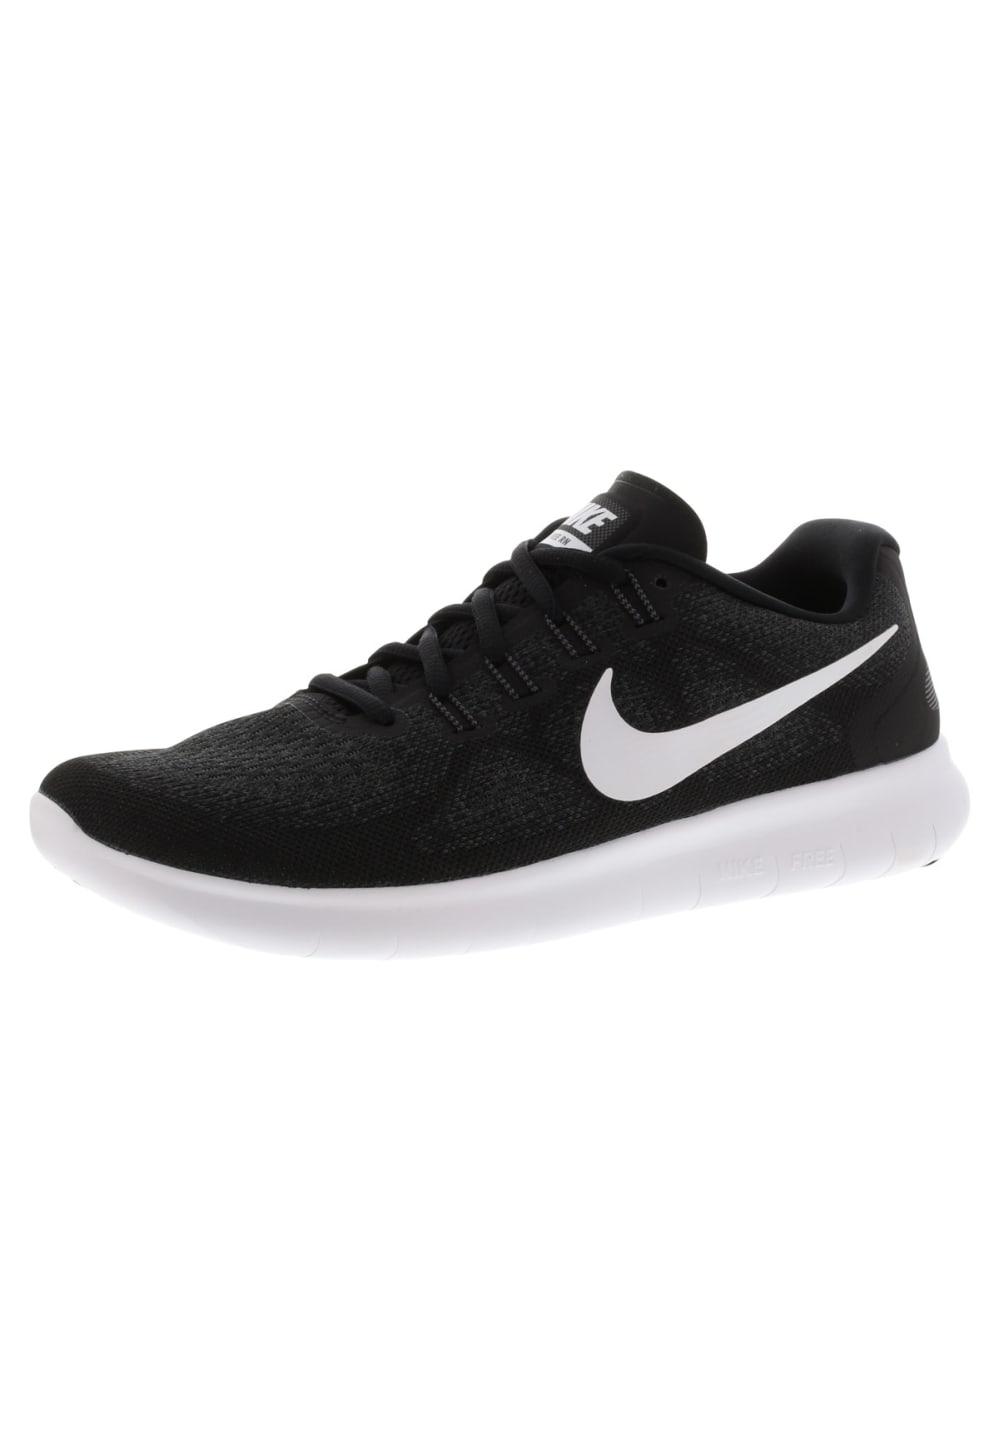 Nike Free RN 2017 - Laufschuhe für Damen - Schwarz, Gr. 37,5